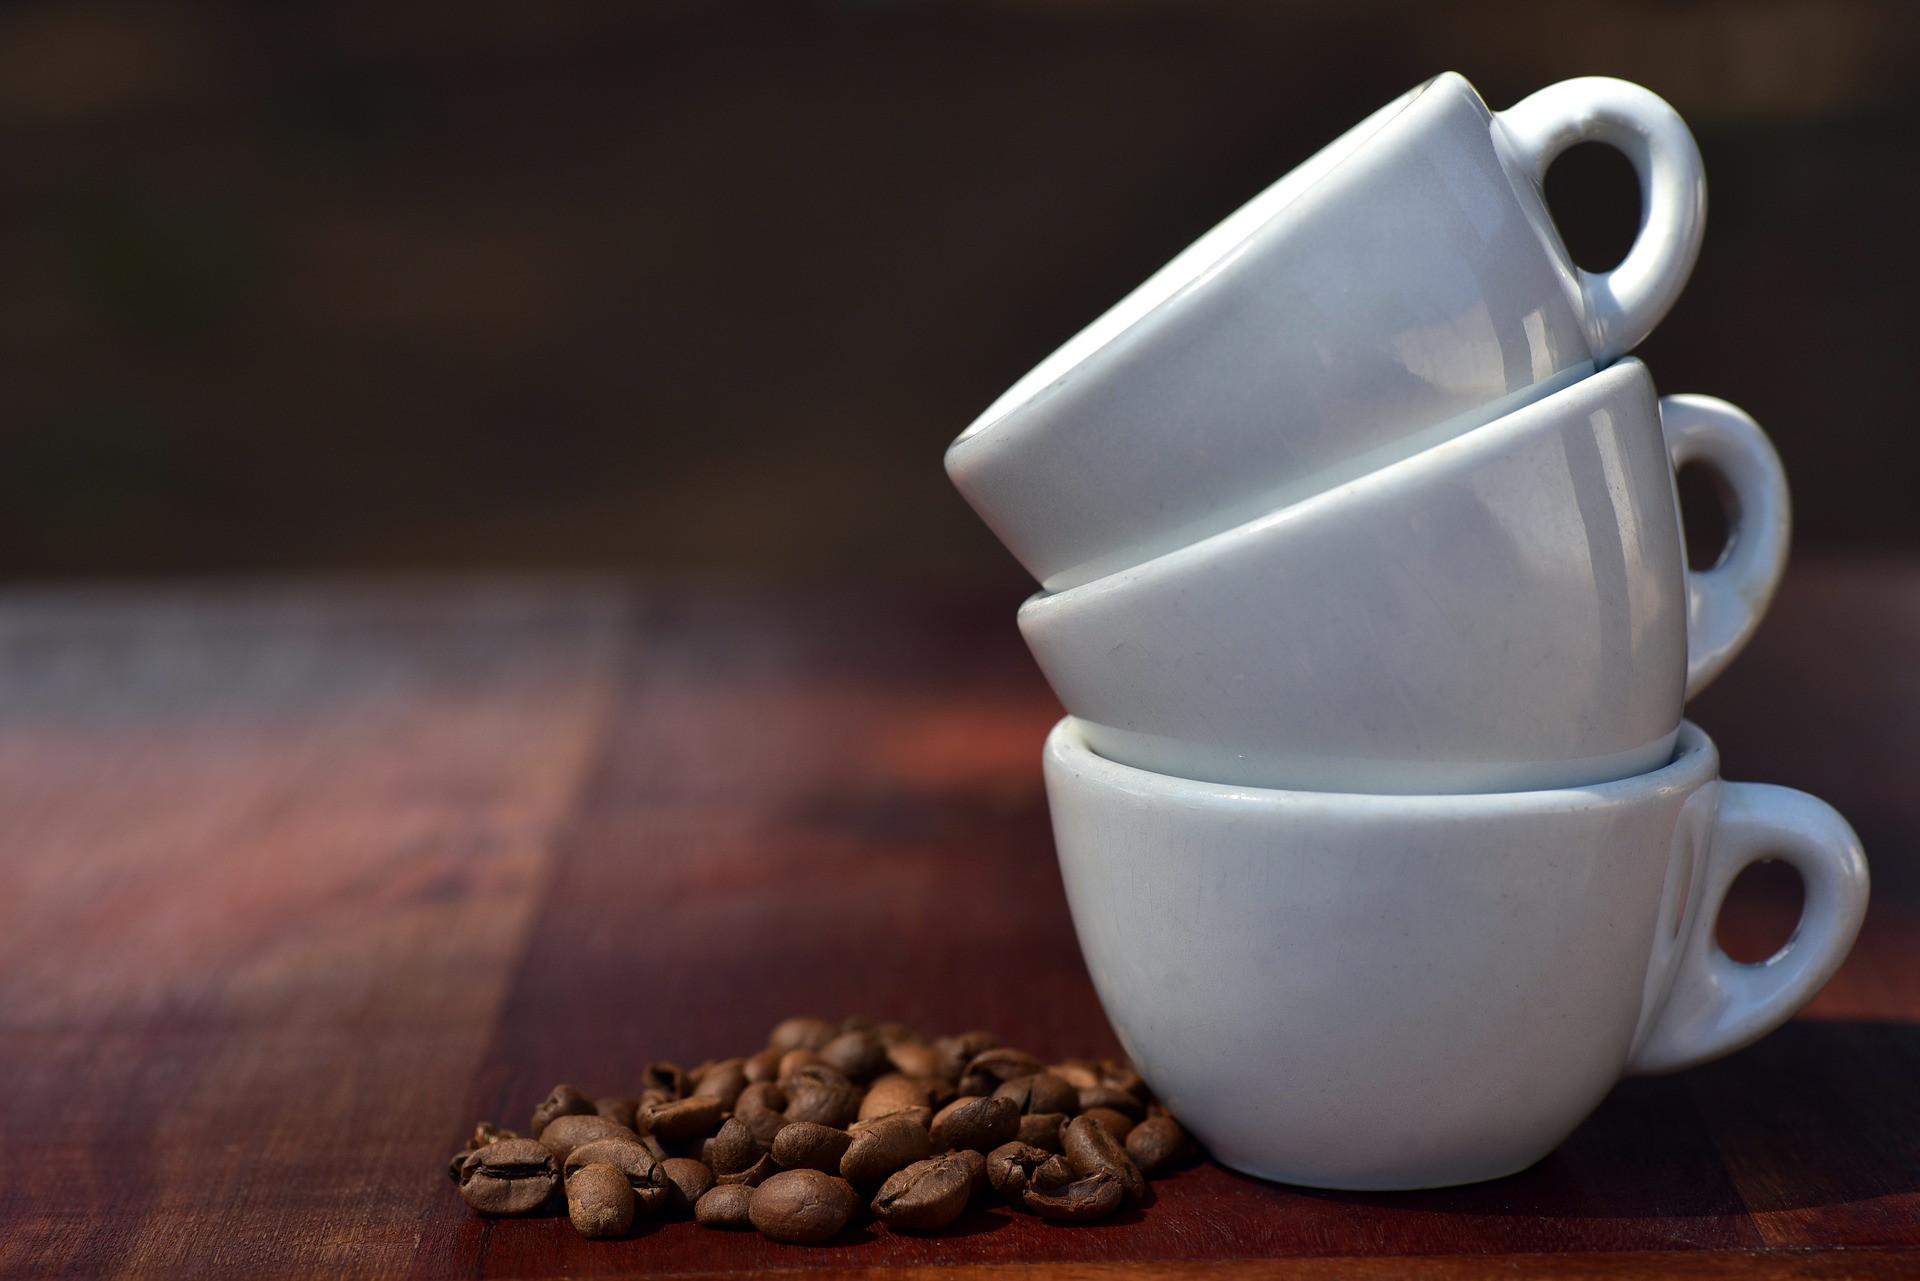 prémiová kávová směs 7 odrůd jihoamerické arabiky z Brazilie, Peru, Bolivie - jemně sladké espreso s chutí připomínající čokoládu a kakao